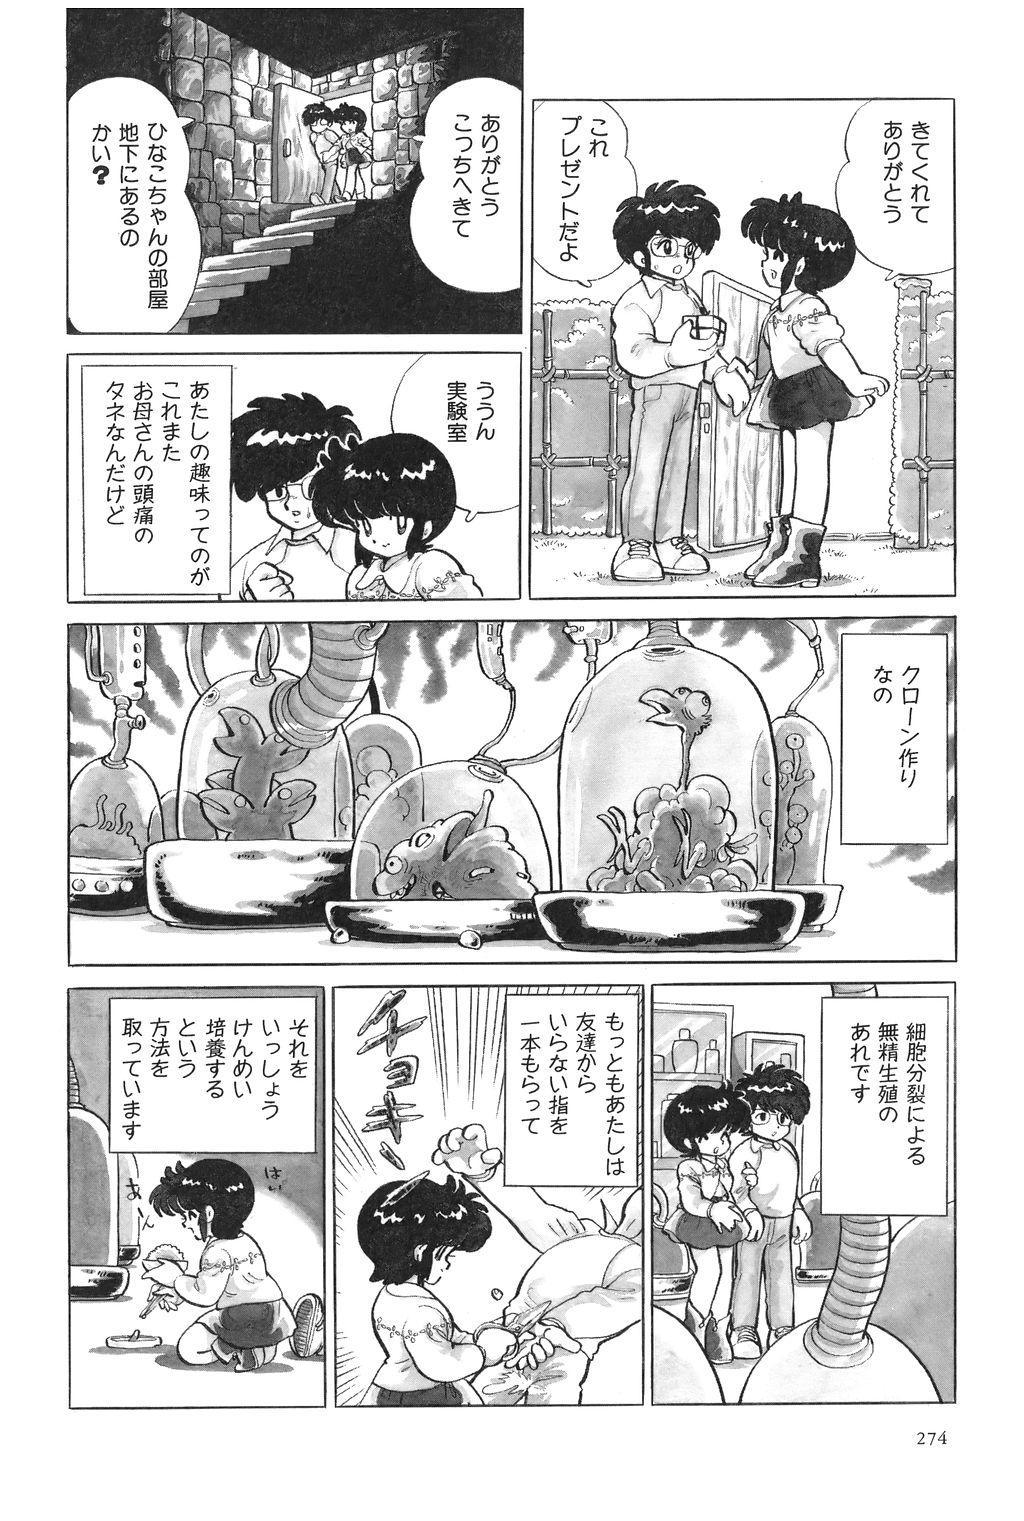 Azuma Hideo Sakuhin Shuusei - Yoru no Tobari no Naka de 275